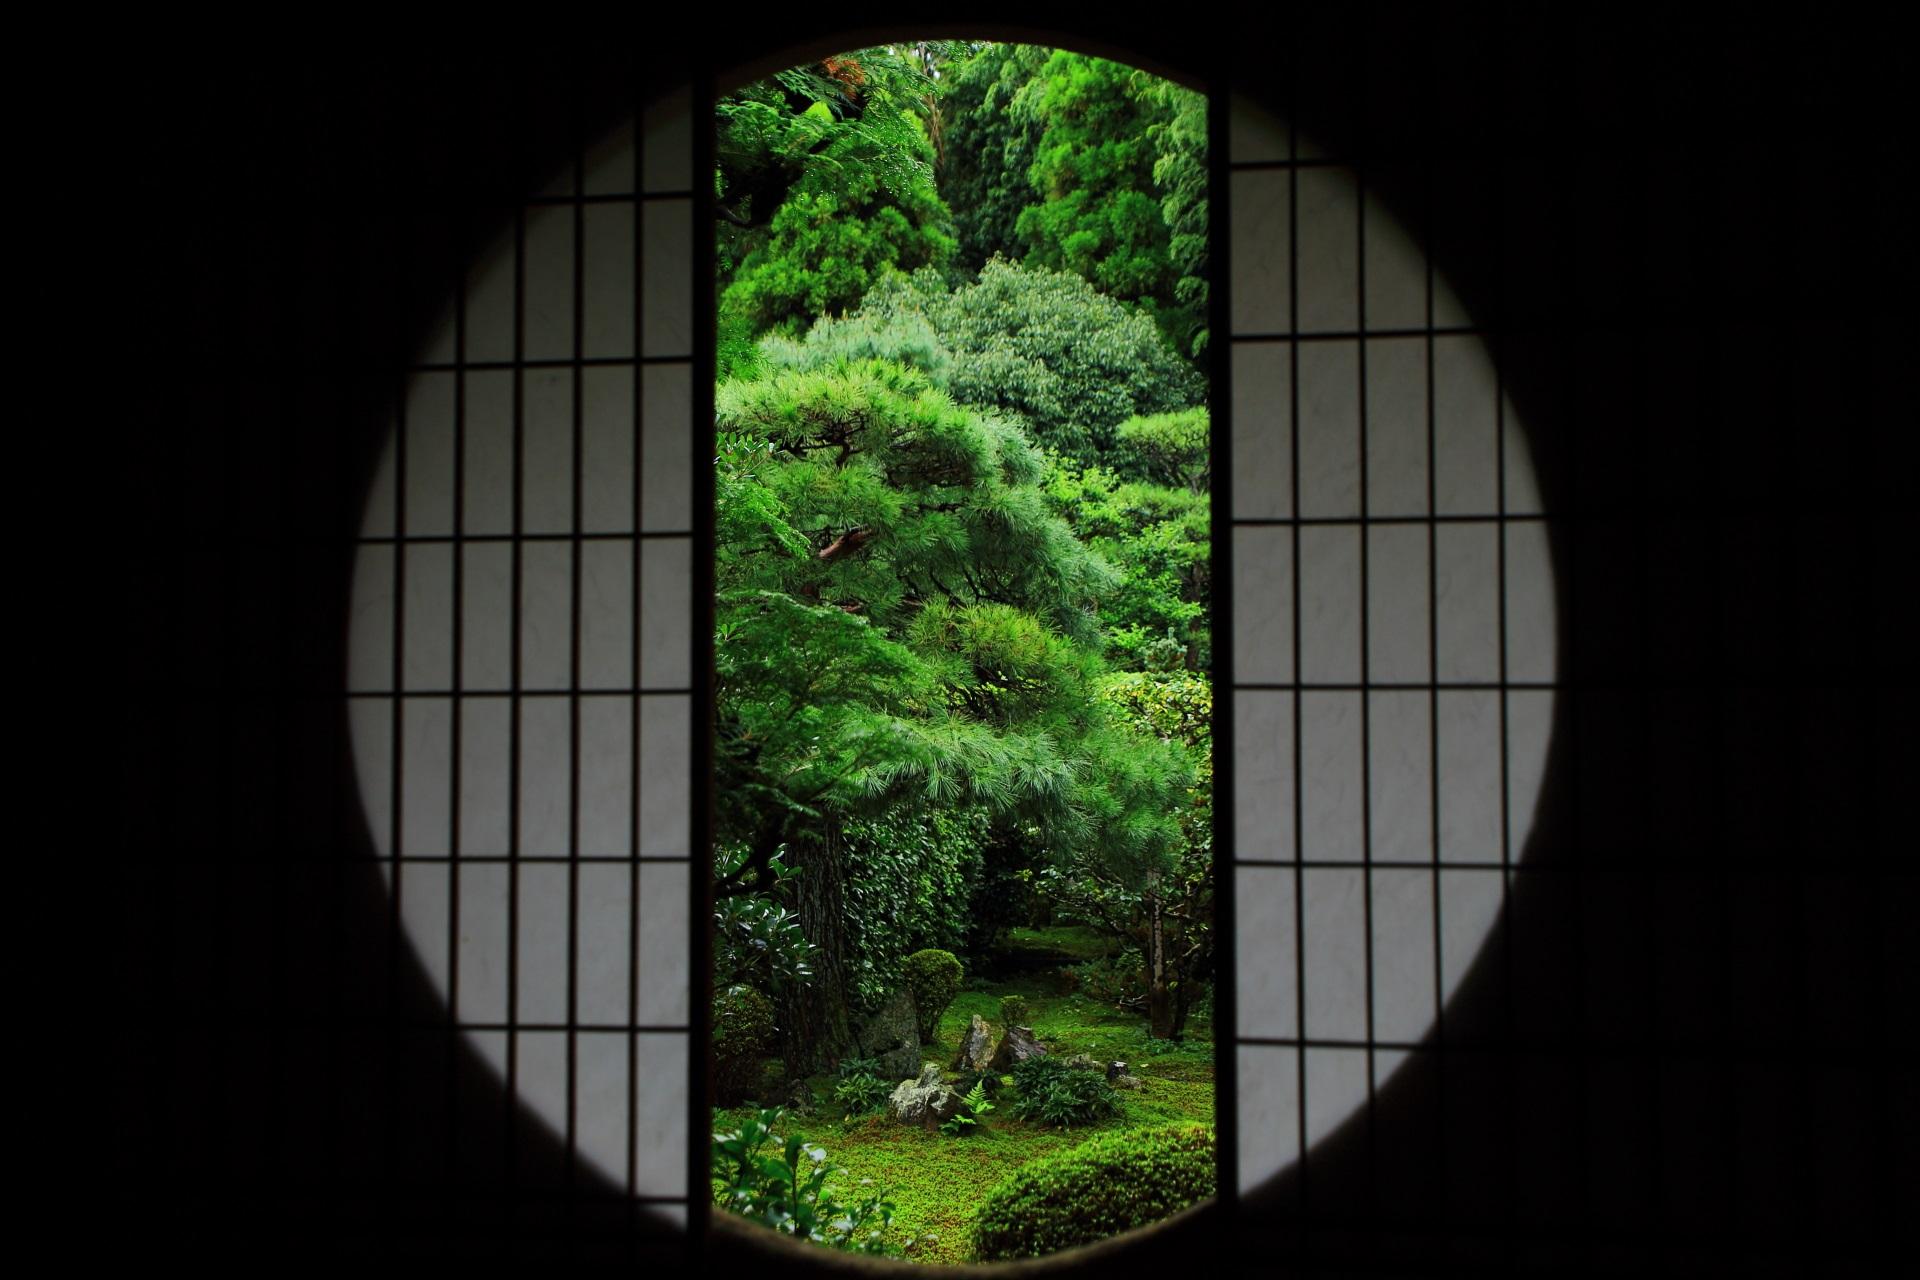 芬陀院の丸窓